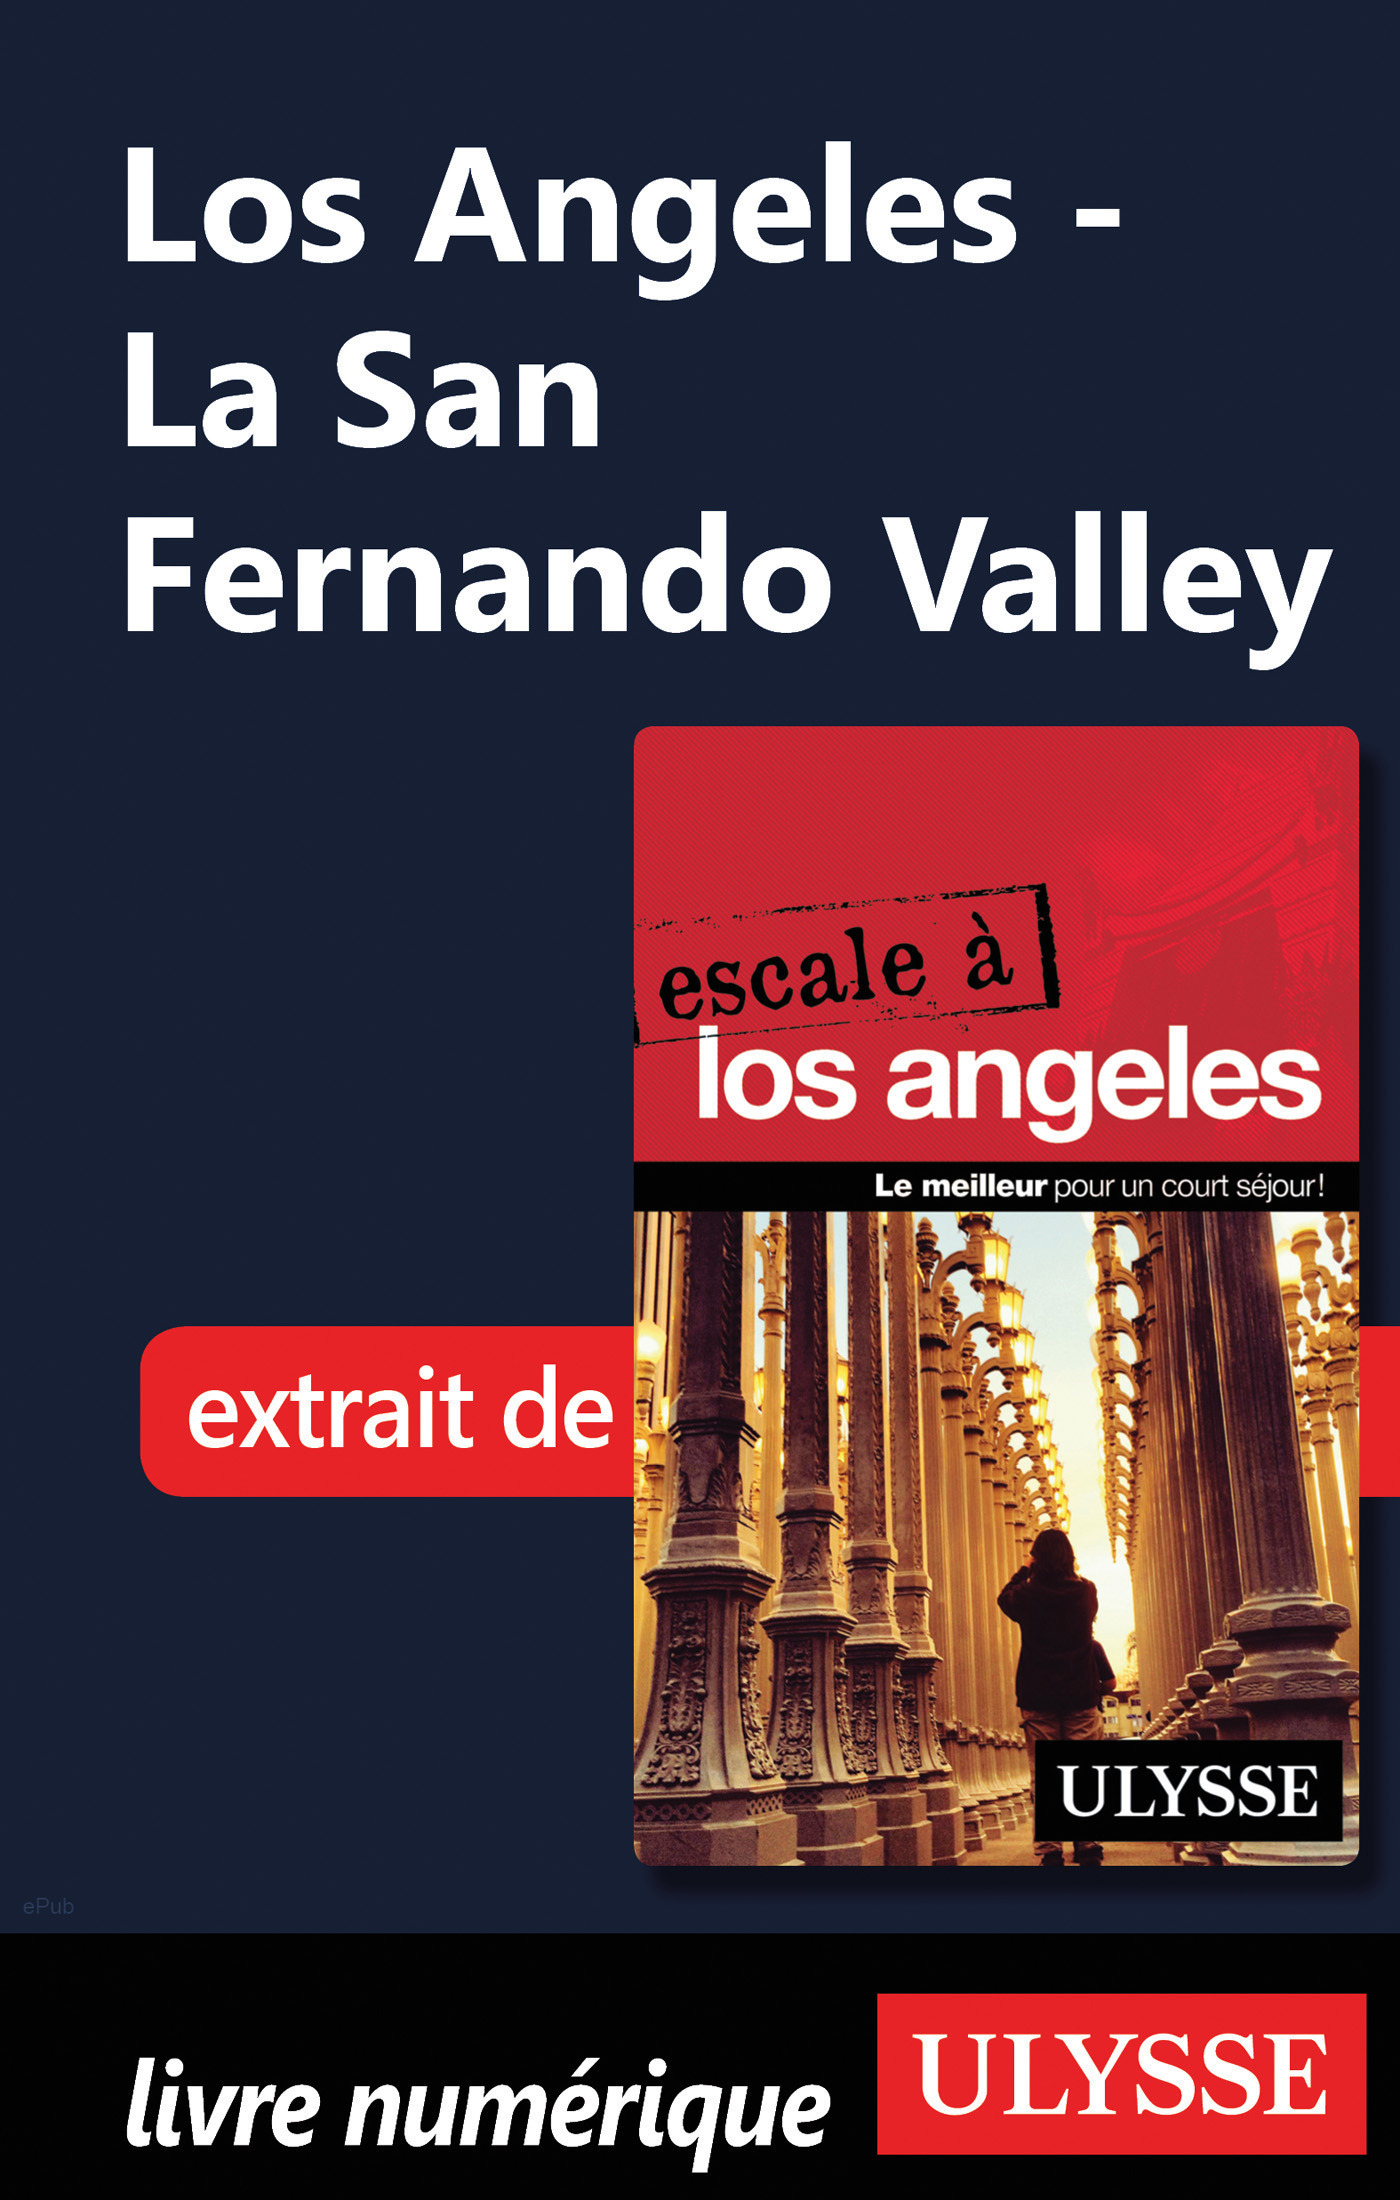 Los Angeles - La San Fernando Valley